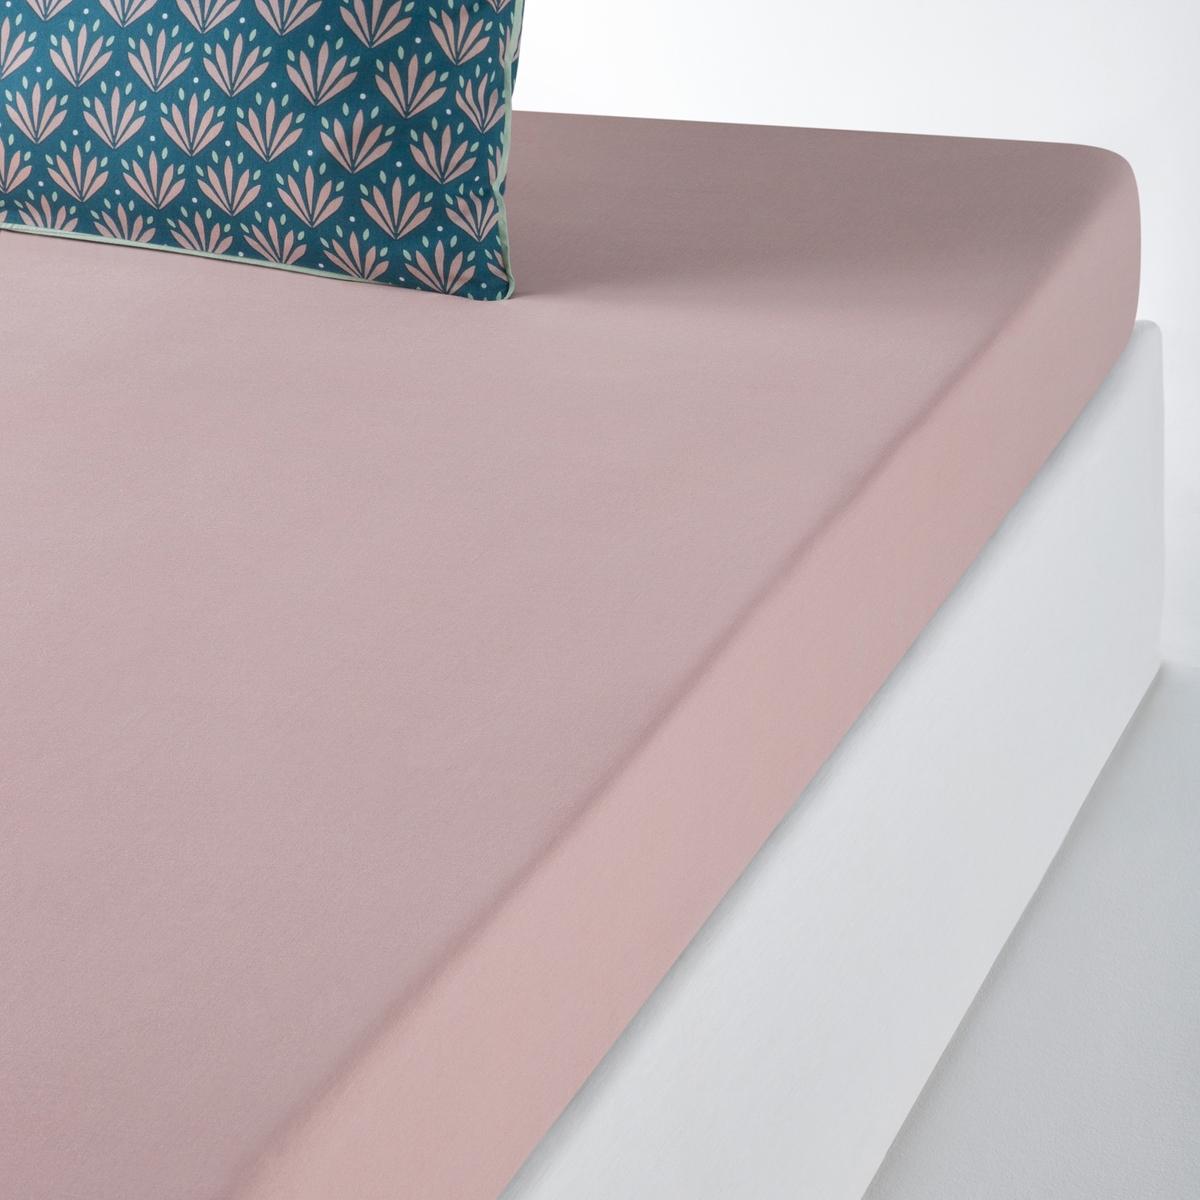 Простыня La Redoute Натяжная из хлопка VENTAIL 180 x 200 см розовый простыня натяжная из 100% хлопка jinties